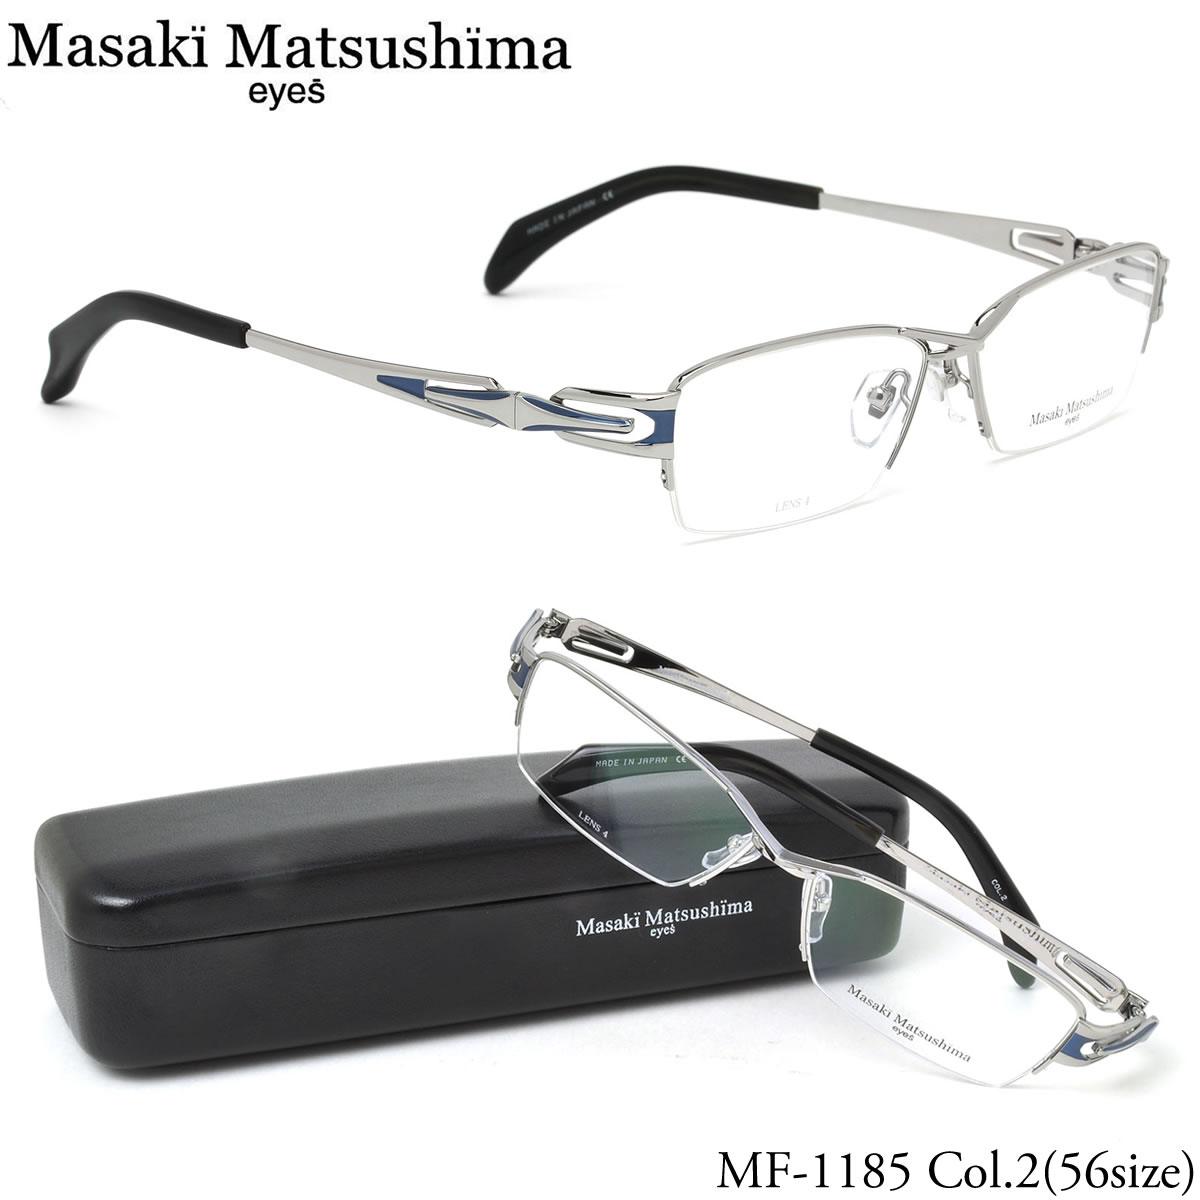 ポイント最大42倍!!お得なクーポンも !! マサキ マツシマ メガネ MF-1185 2 56サイズ Masaki Matsushima チタン 日本製 伊達メガネ用レンズ無料 メンズ レディース